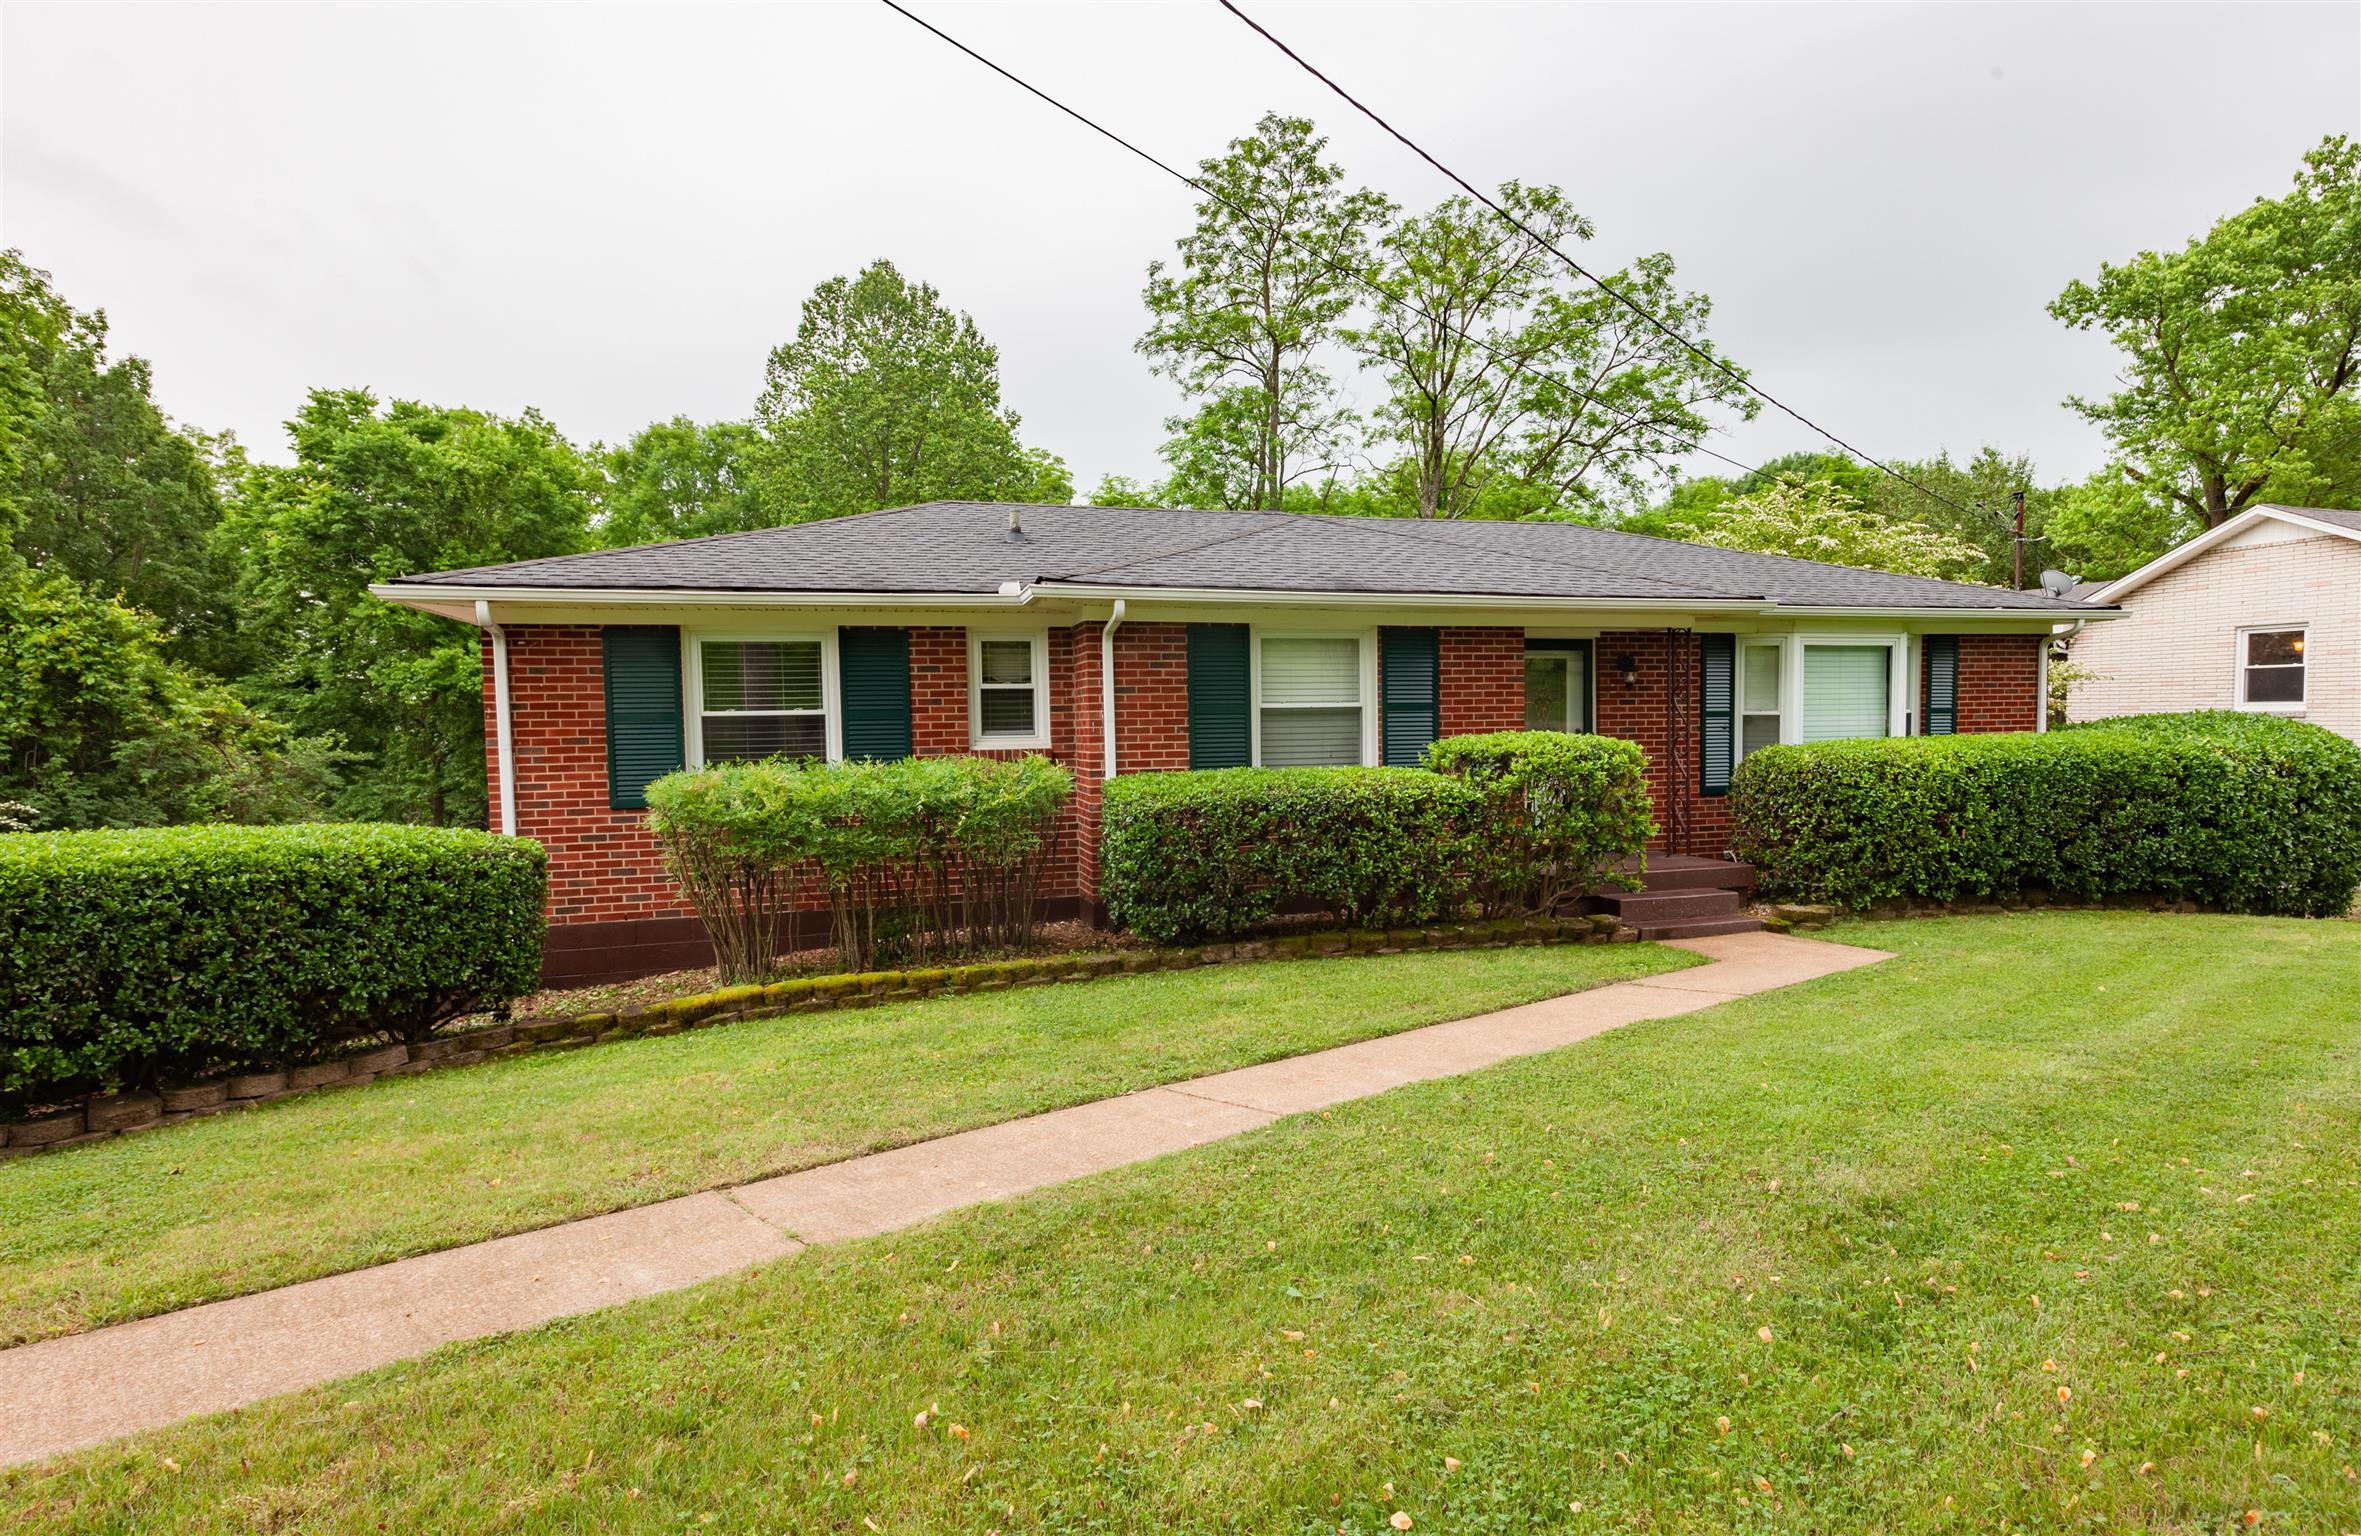 2705 Western Hills Dr, Nashville, TN 37214 - Nashville, TN real estate listing